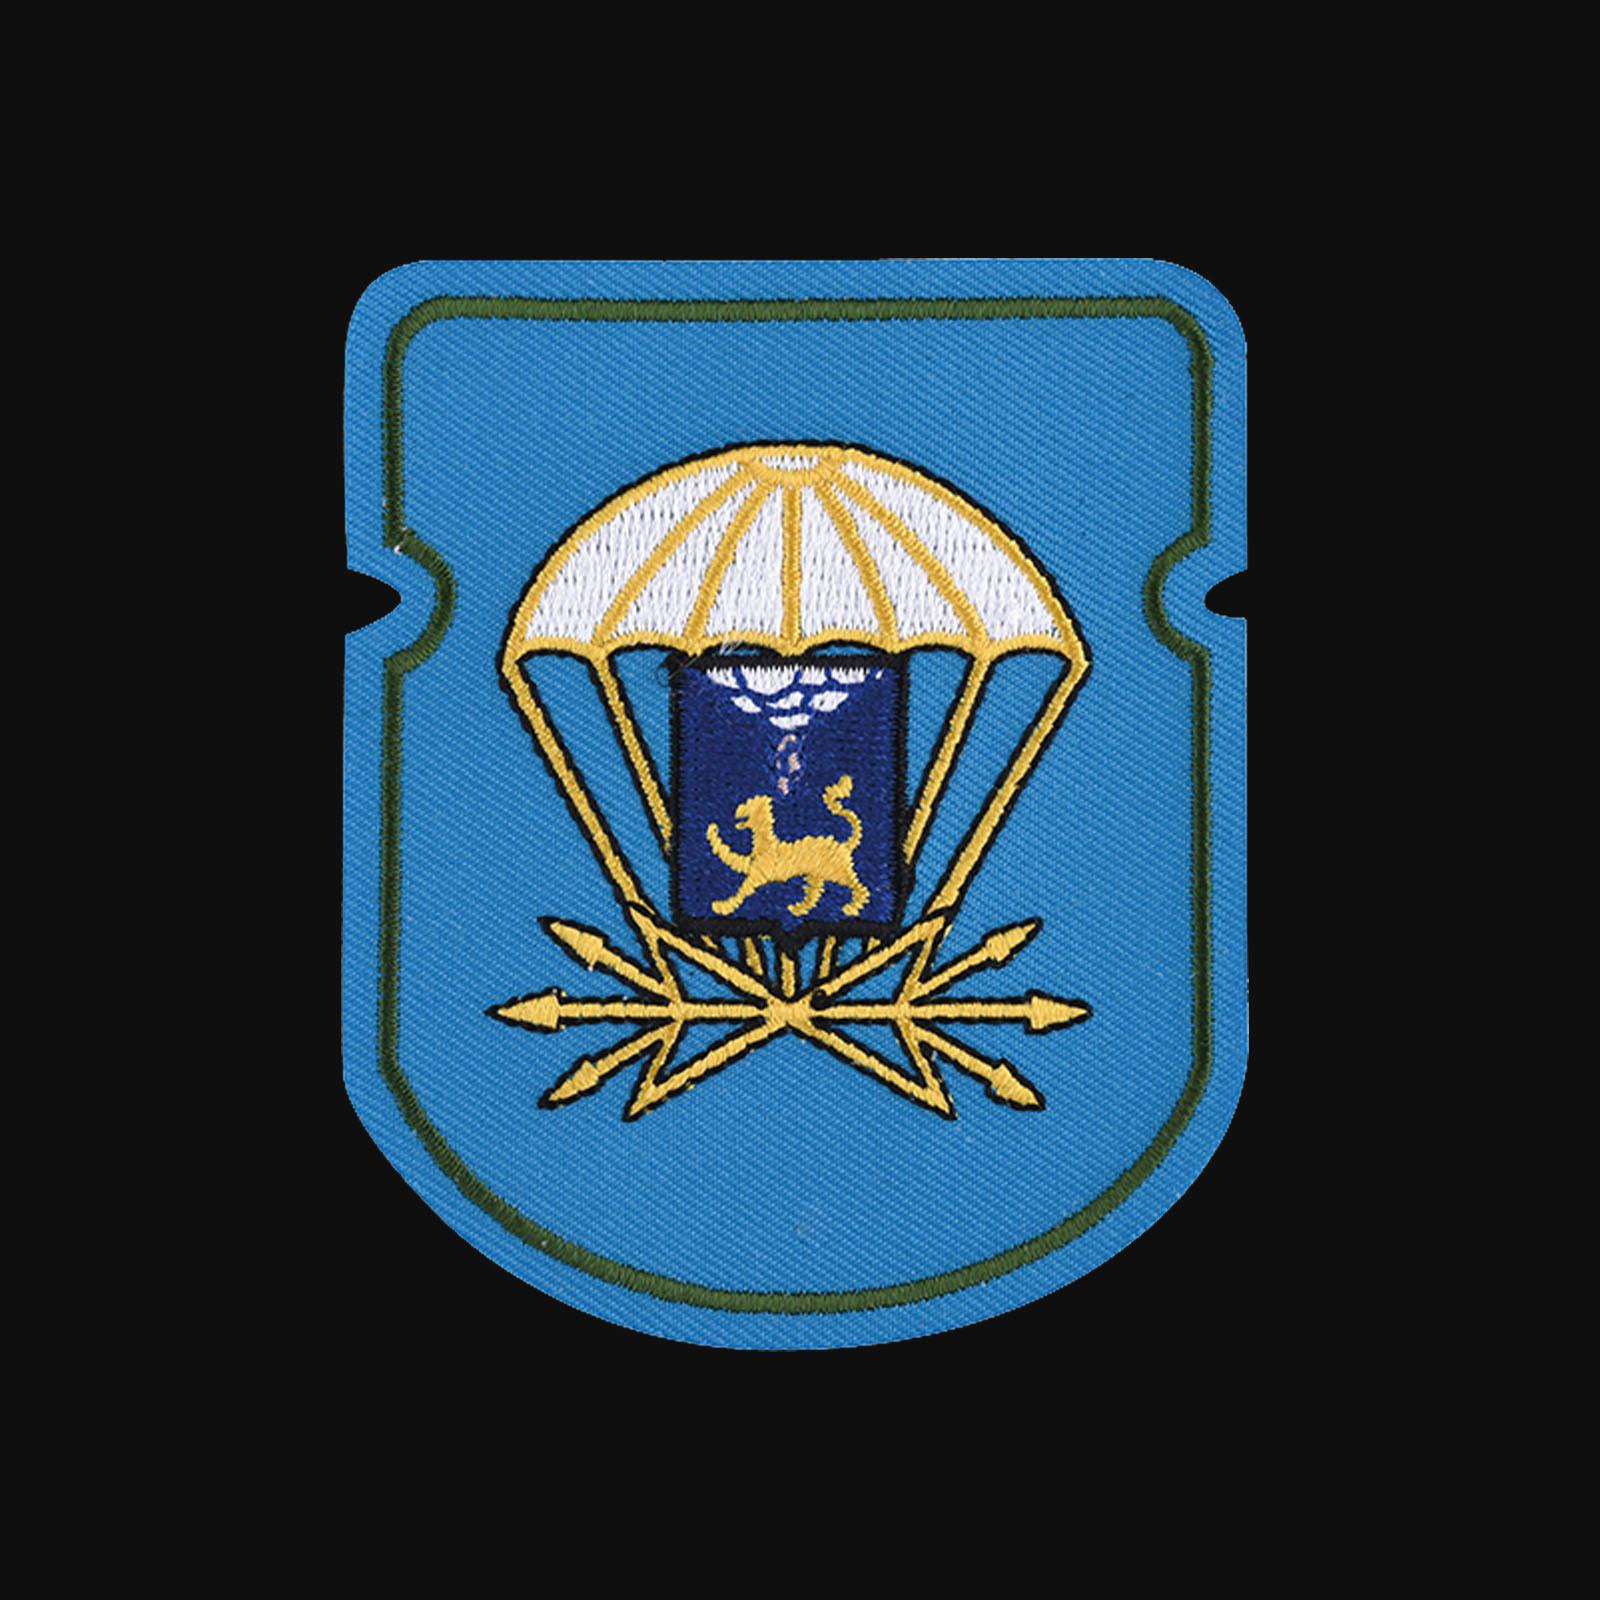 Толстовка ВДВ с цветным шевроном 728-го отдельного батальона связи 76 ДШД